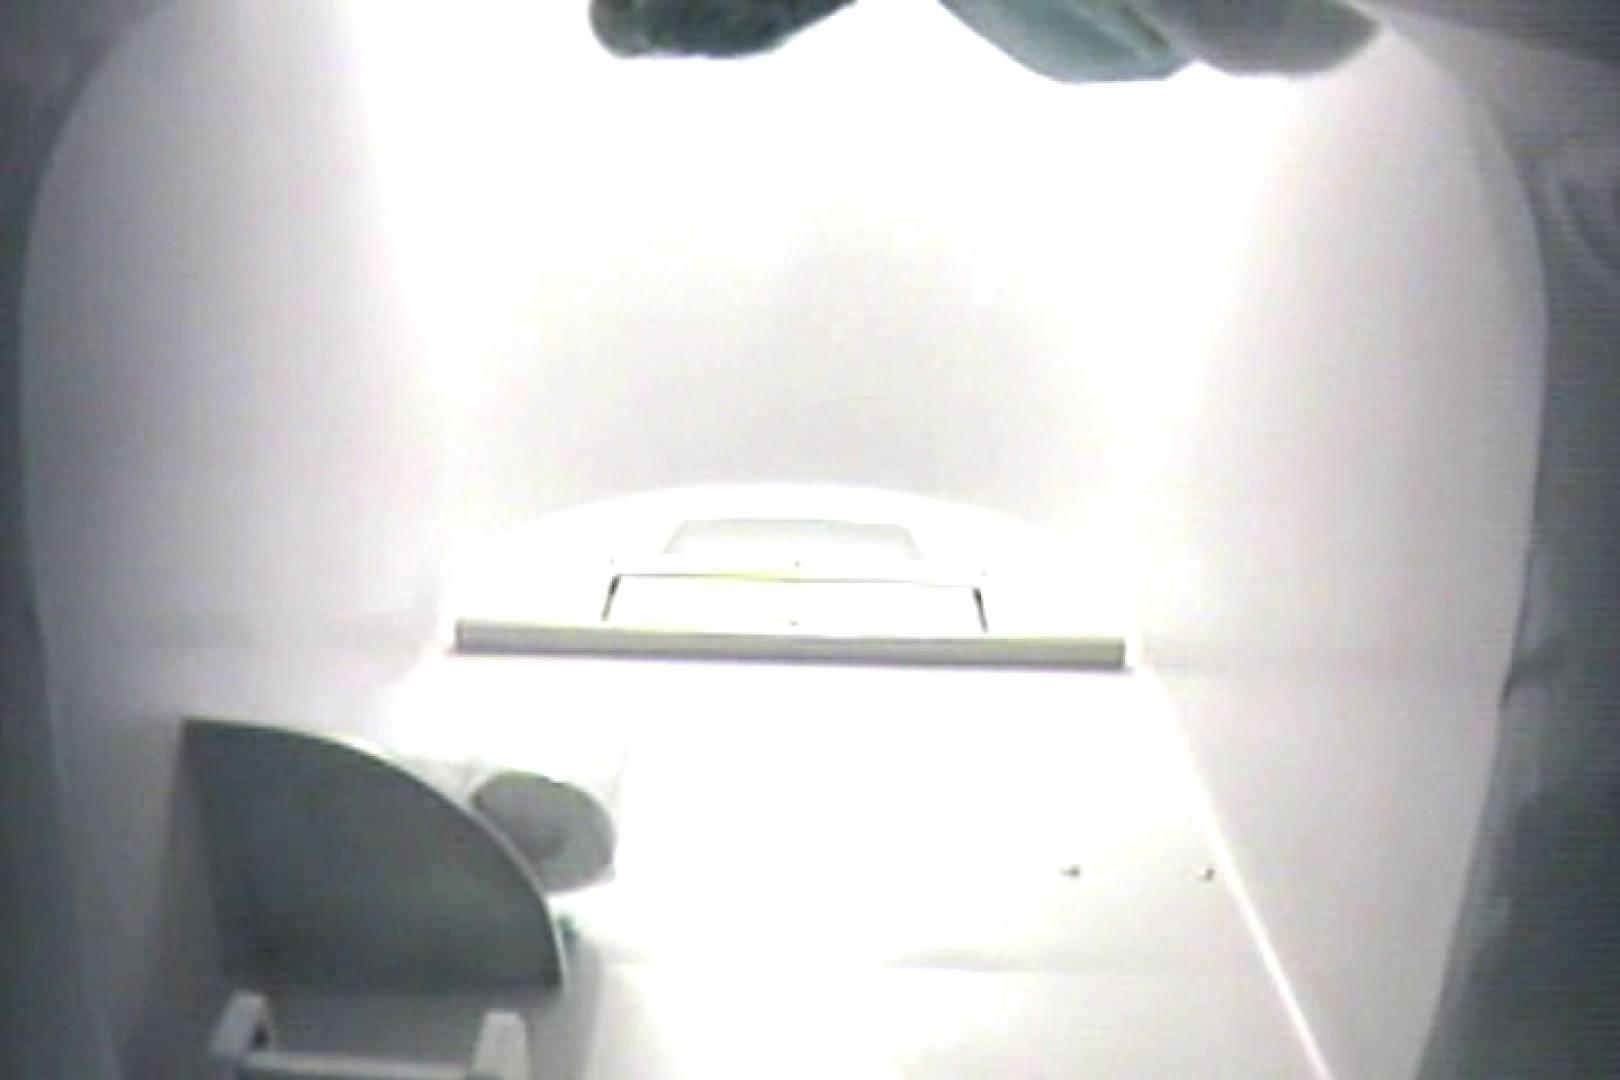 [お盆限定]和式洗面所汚物フレフレ100連発 Vol.1 和式トイレ 盗撮動画紹介 73pic 7